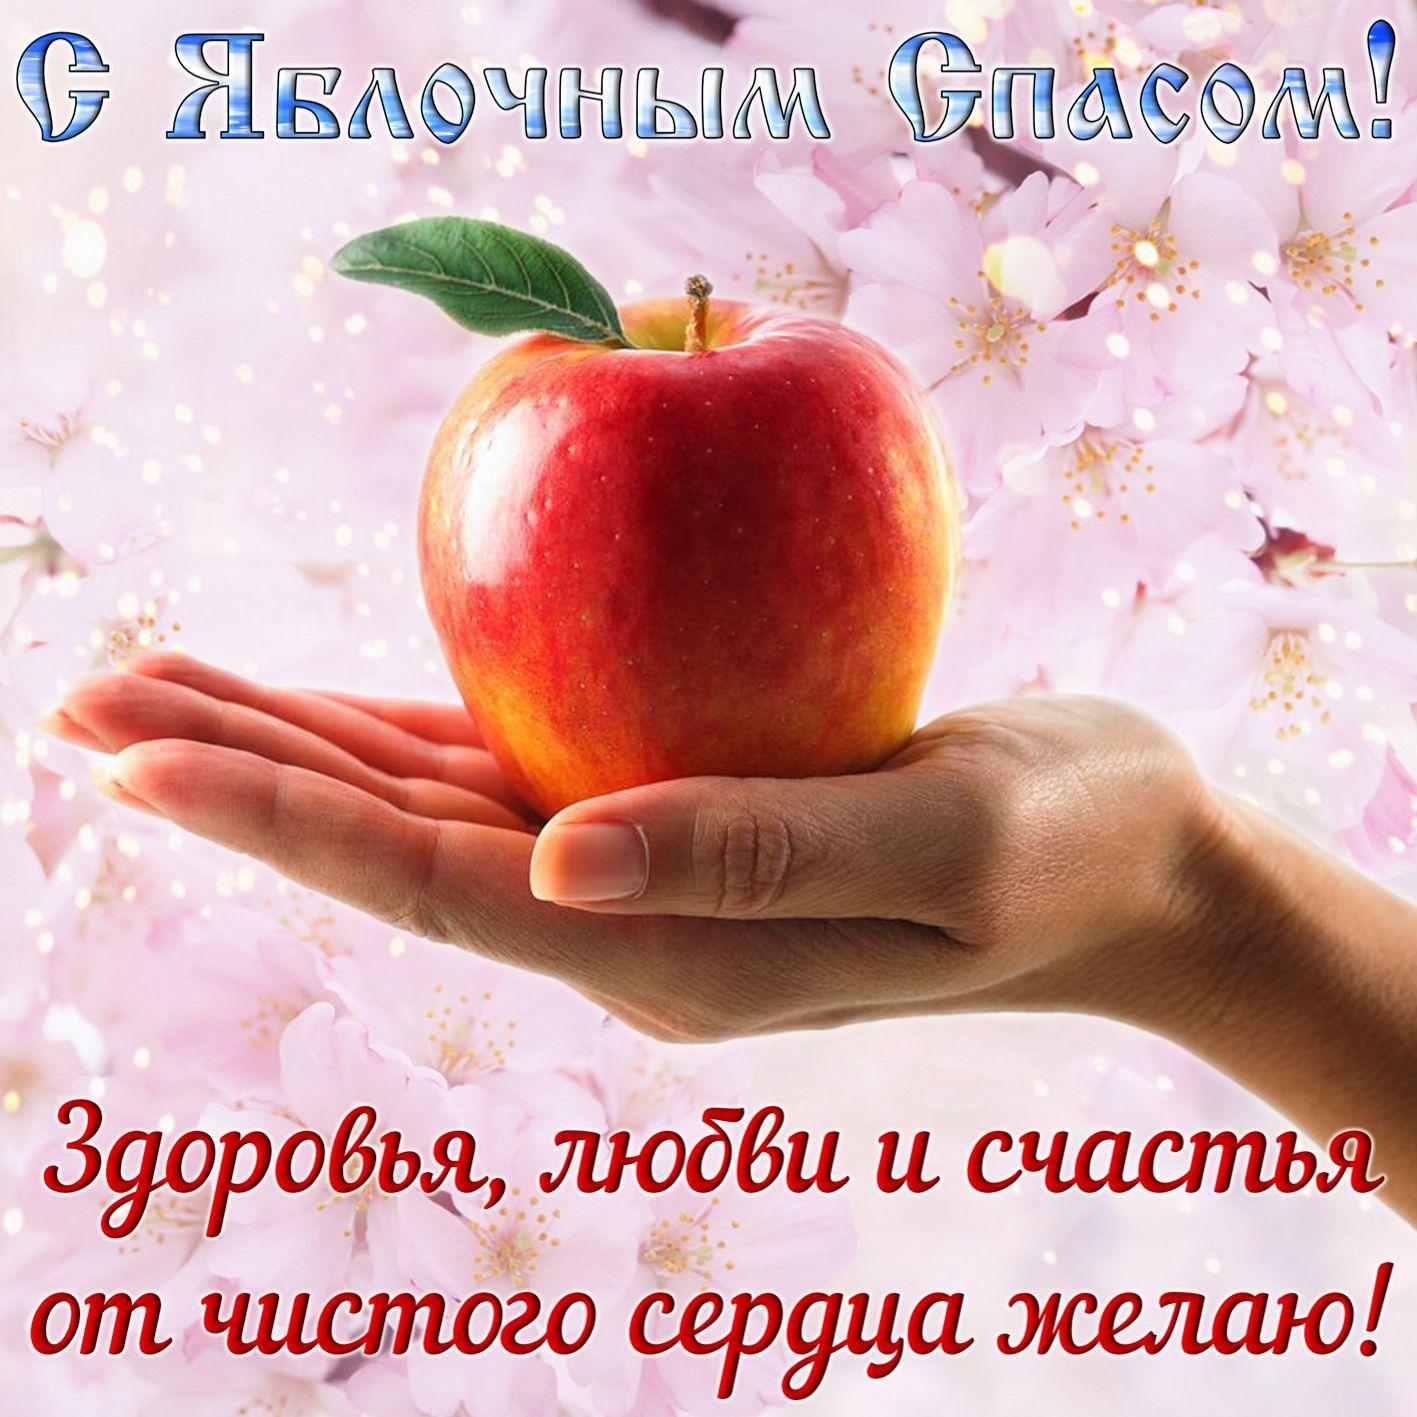 Открытка на Яблочный Спас - сочное яблоко на ладони